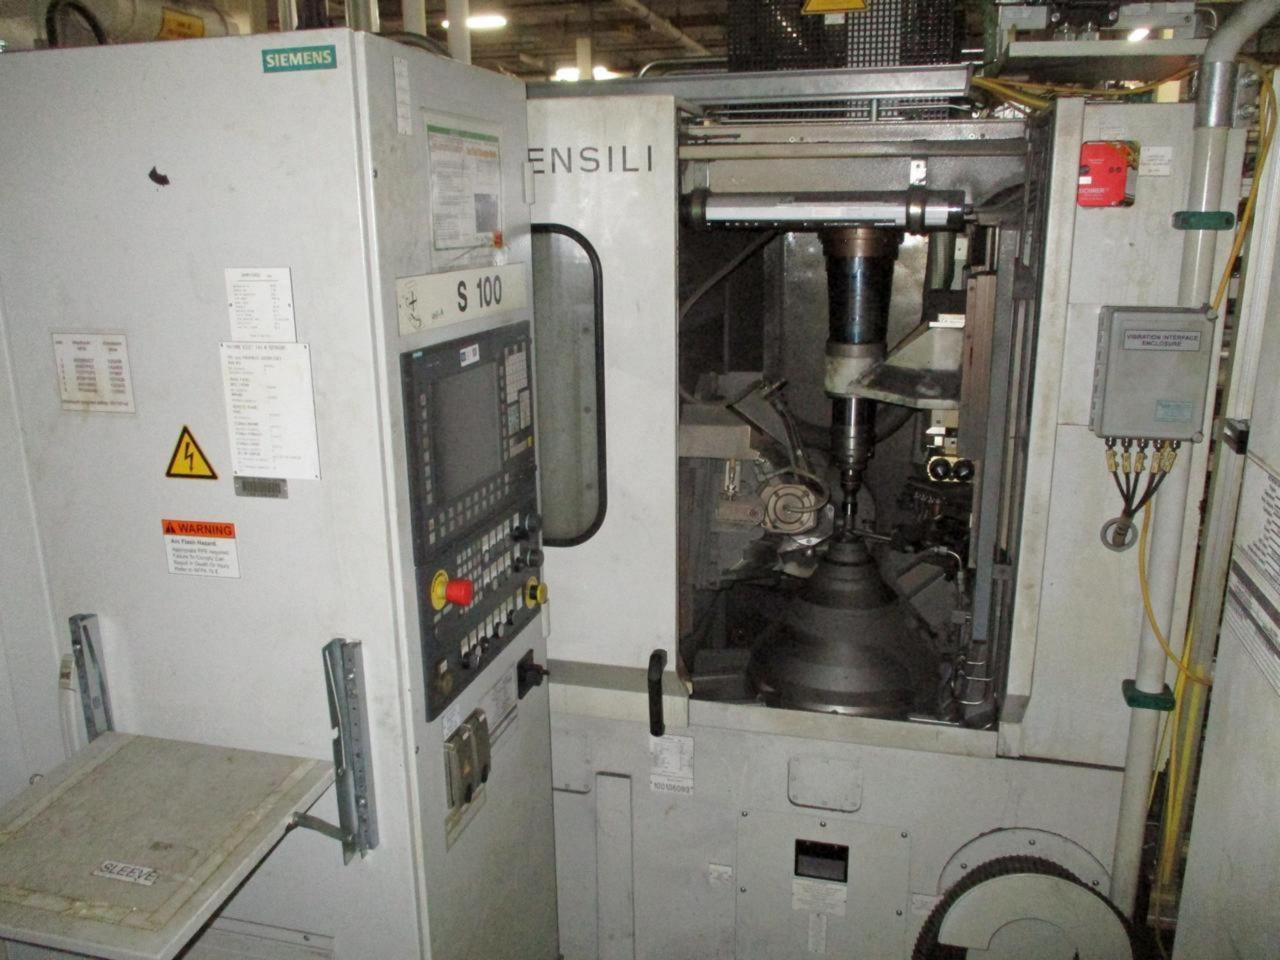 CNC Gear Hobbing Machine Samputensili S 100